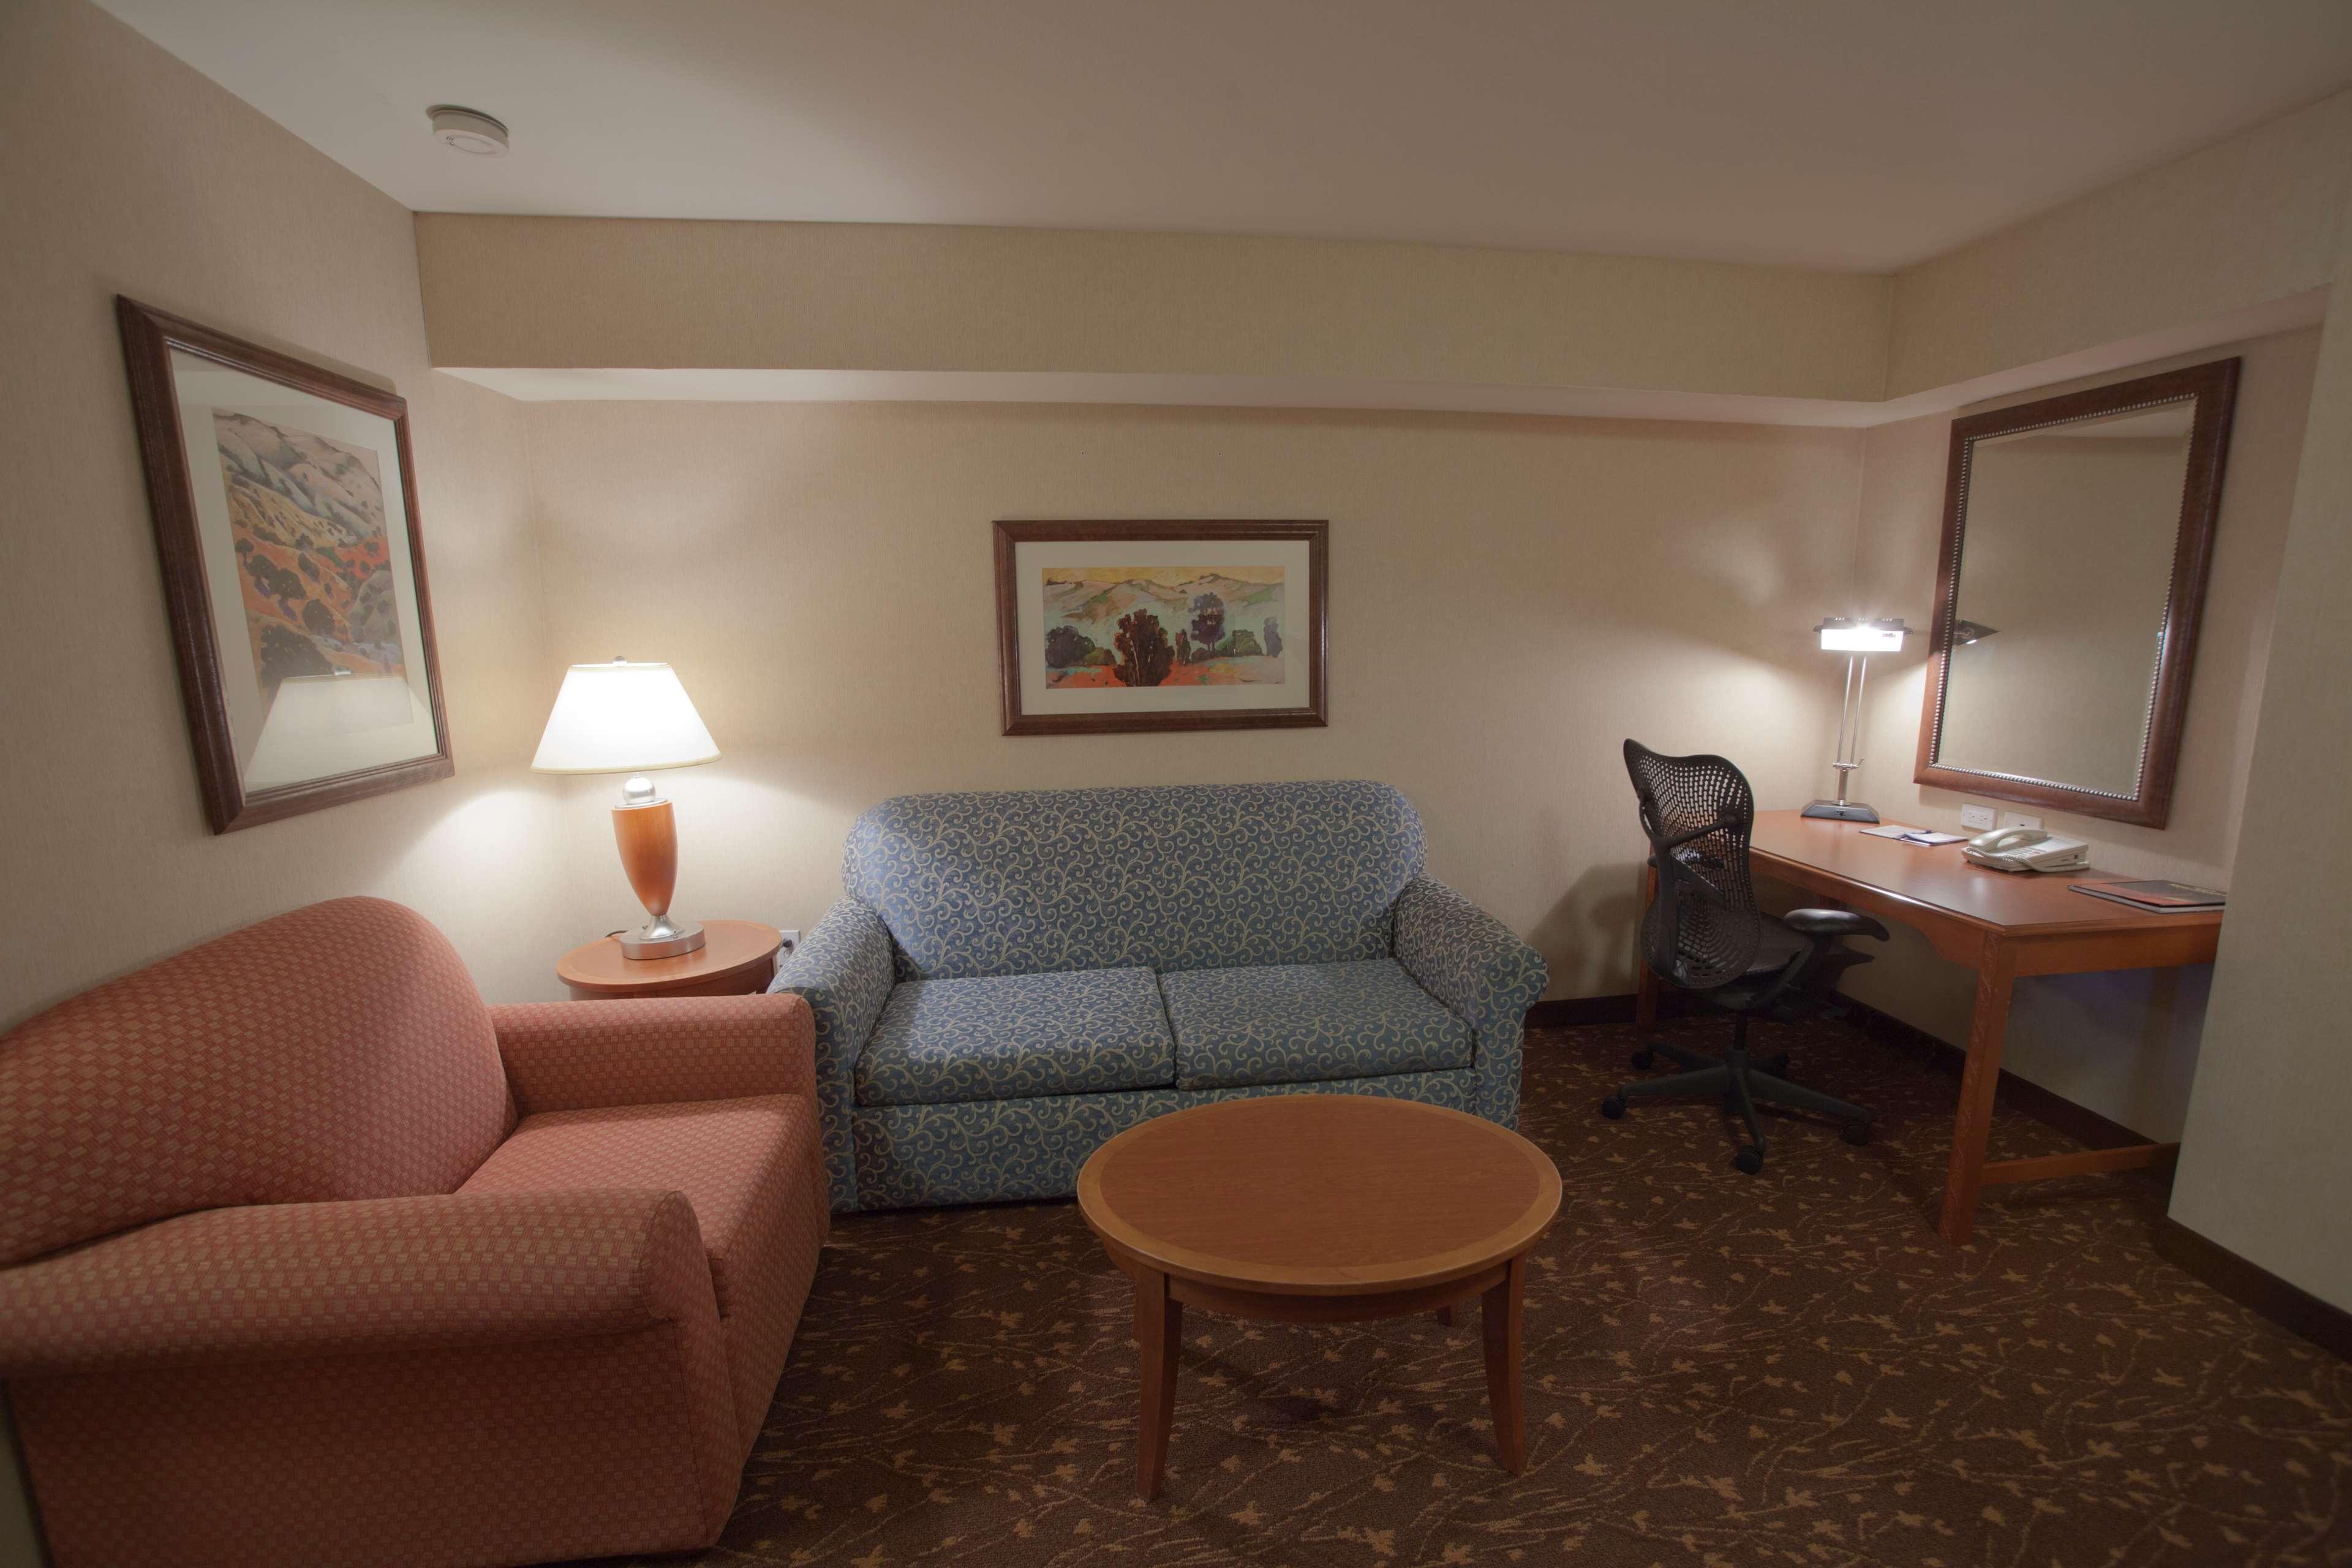 Hilton Garden Inn Albuquerque/Journal Center image 23